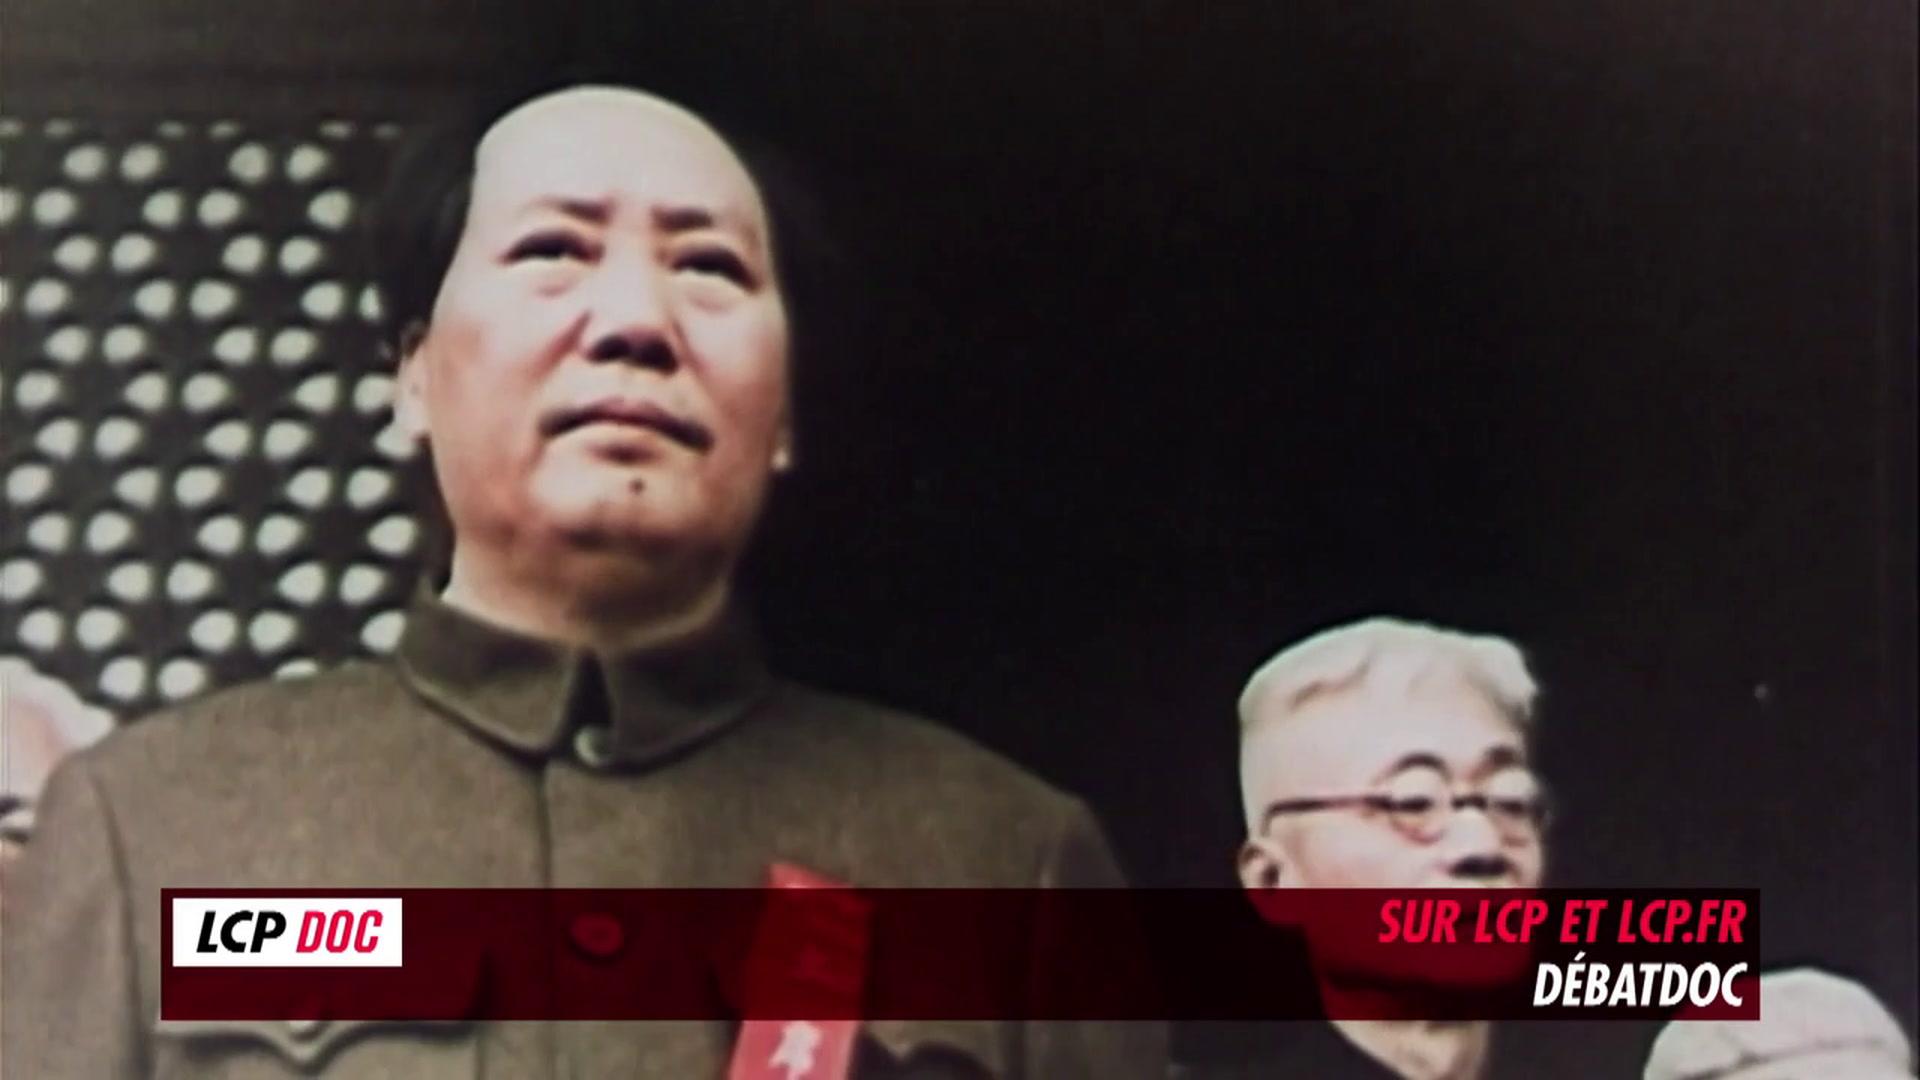 Les coulisses de l'histoire : Mao, le père indigne de la Chine moderne